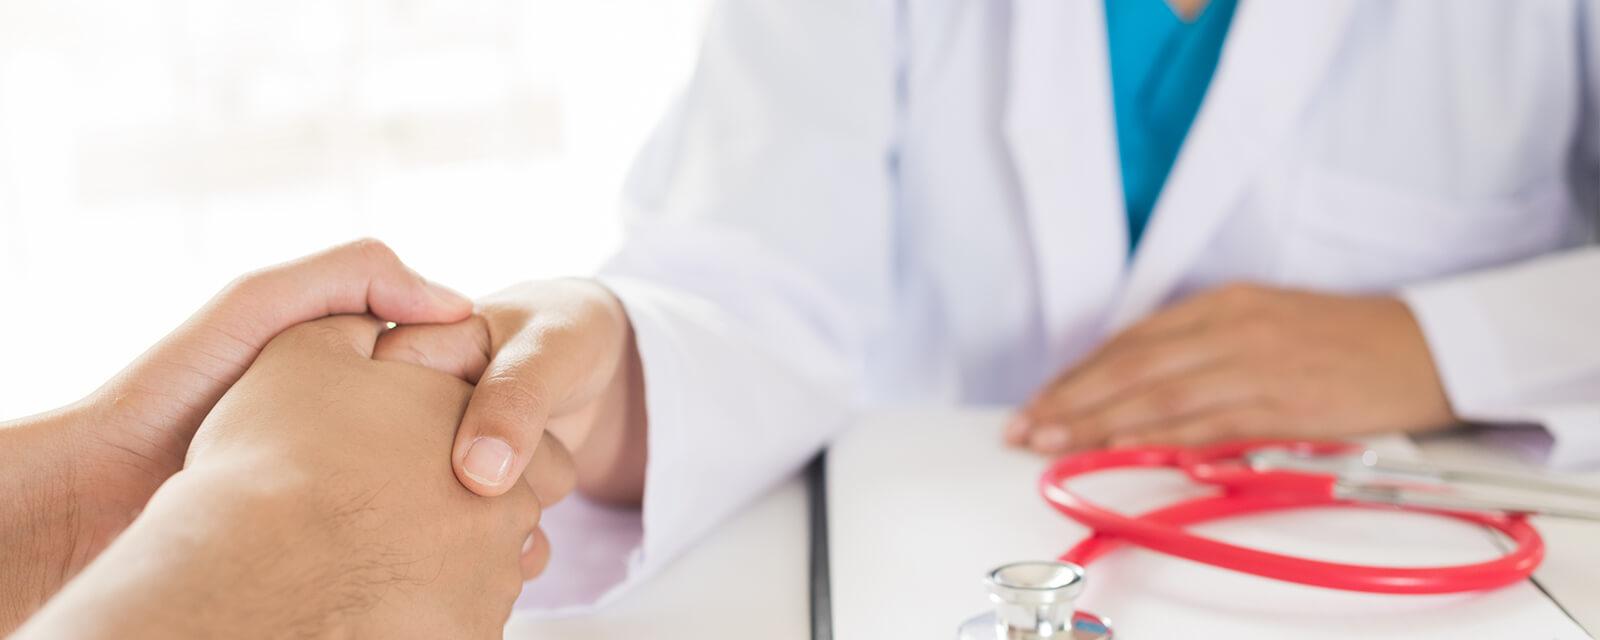 Njegujemo individualni<br /> i personalizirani pristup<br /> svakom pacijentu